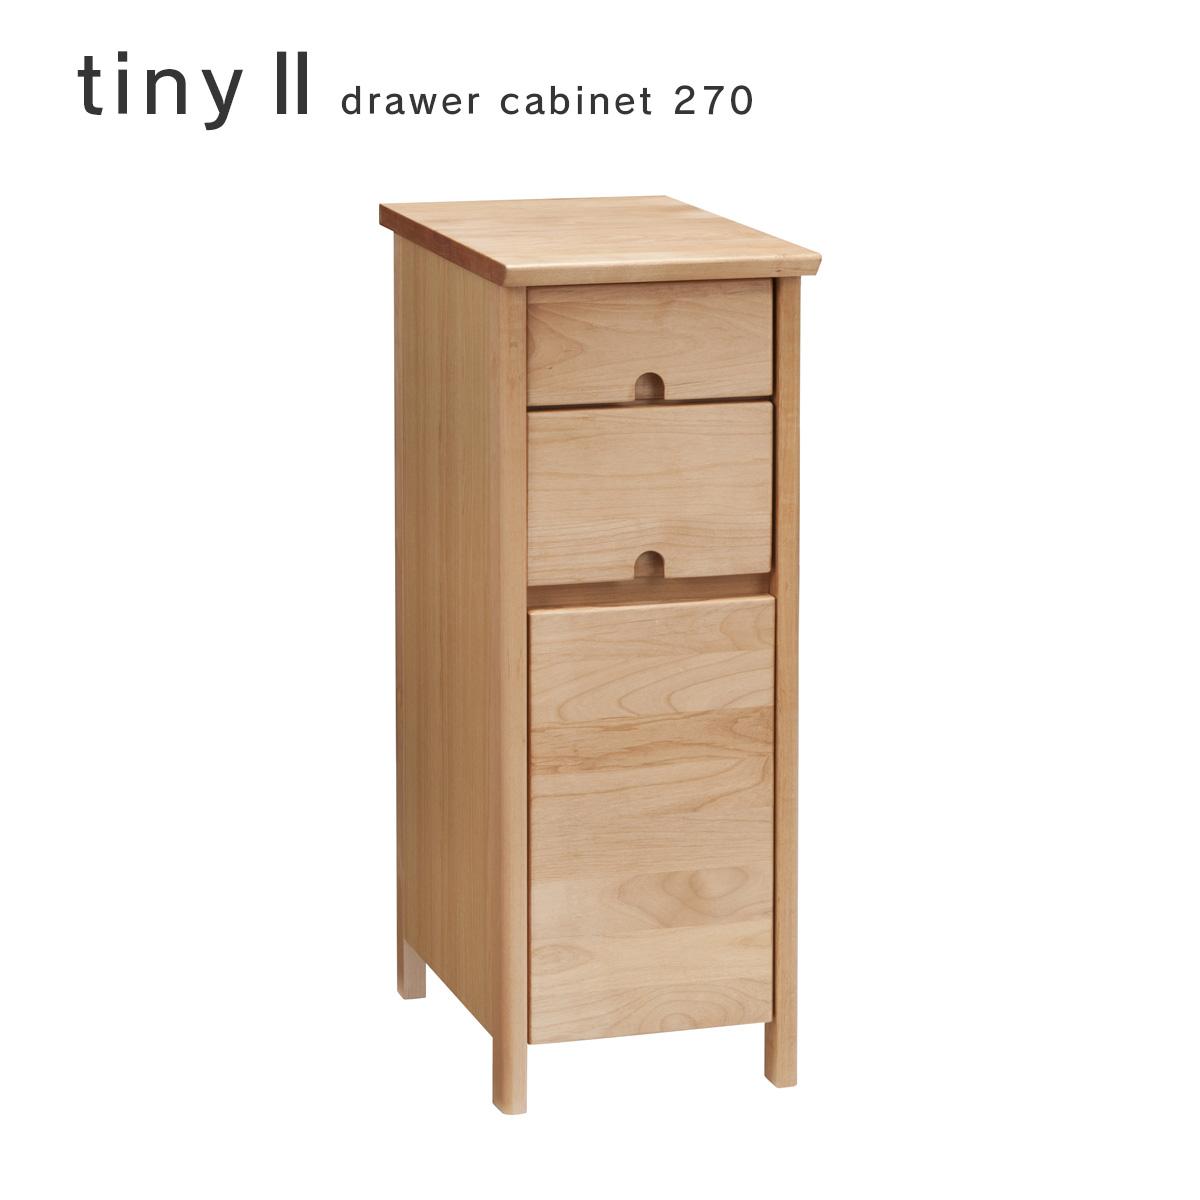 tiny2 ドロアーキャビネット 270 タイニー2 drawer cabinet 幅27cm